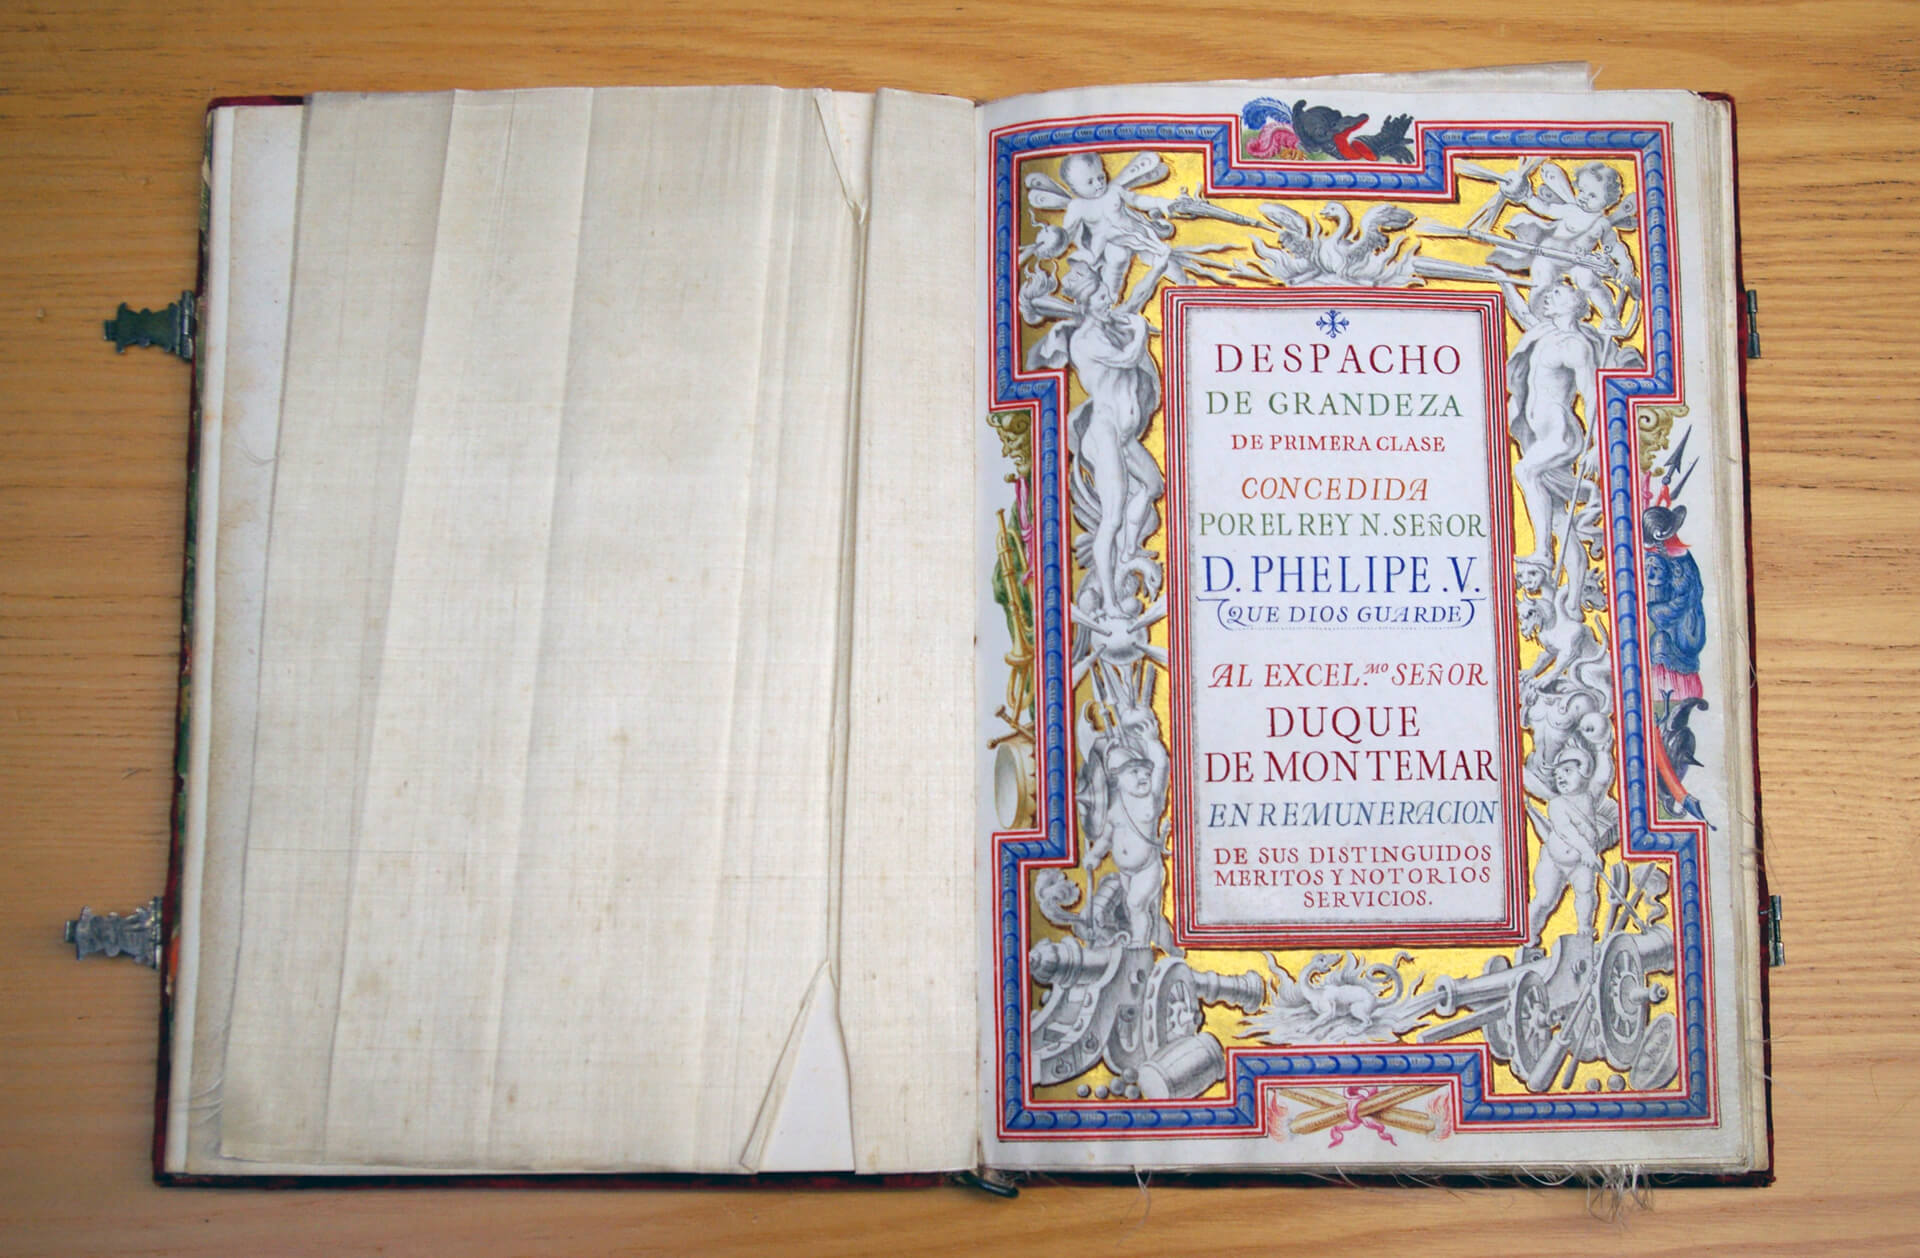 Tesoros de la Biblioteca del Museo (II): el Despacho de grandeza del Duque de Montemar